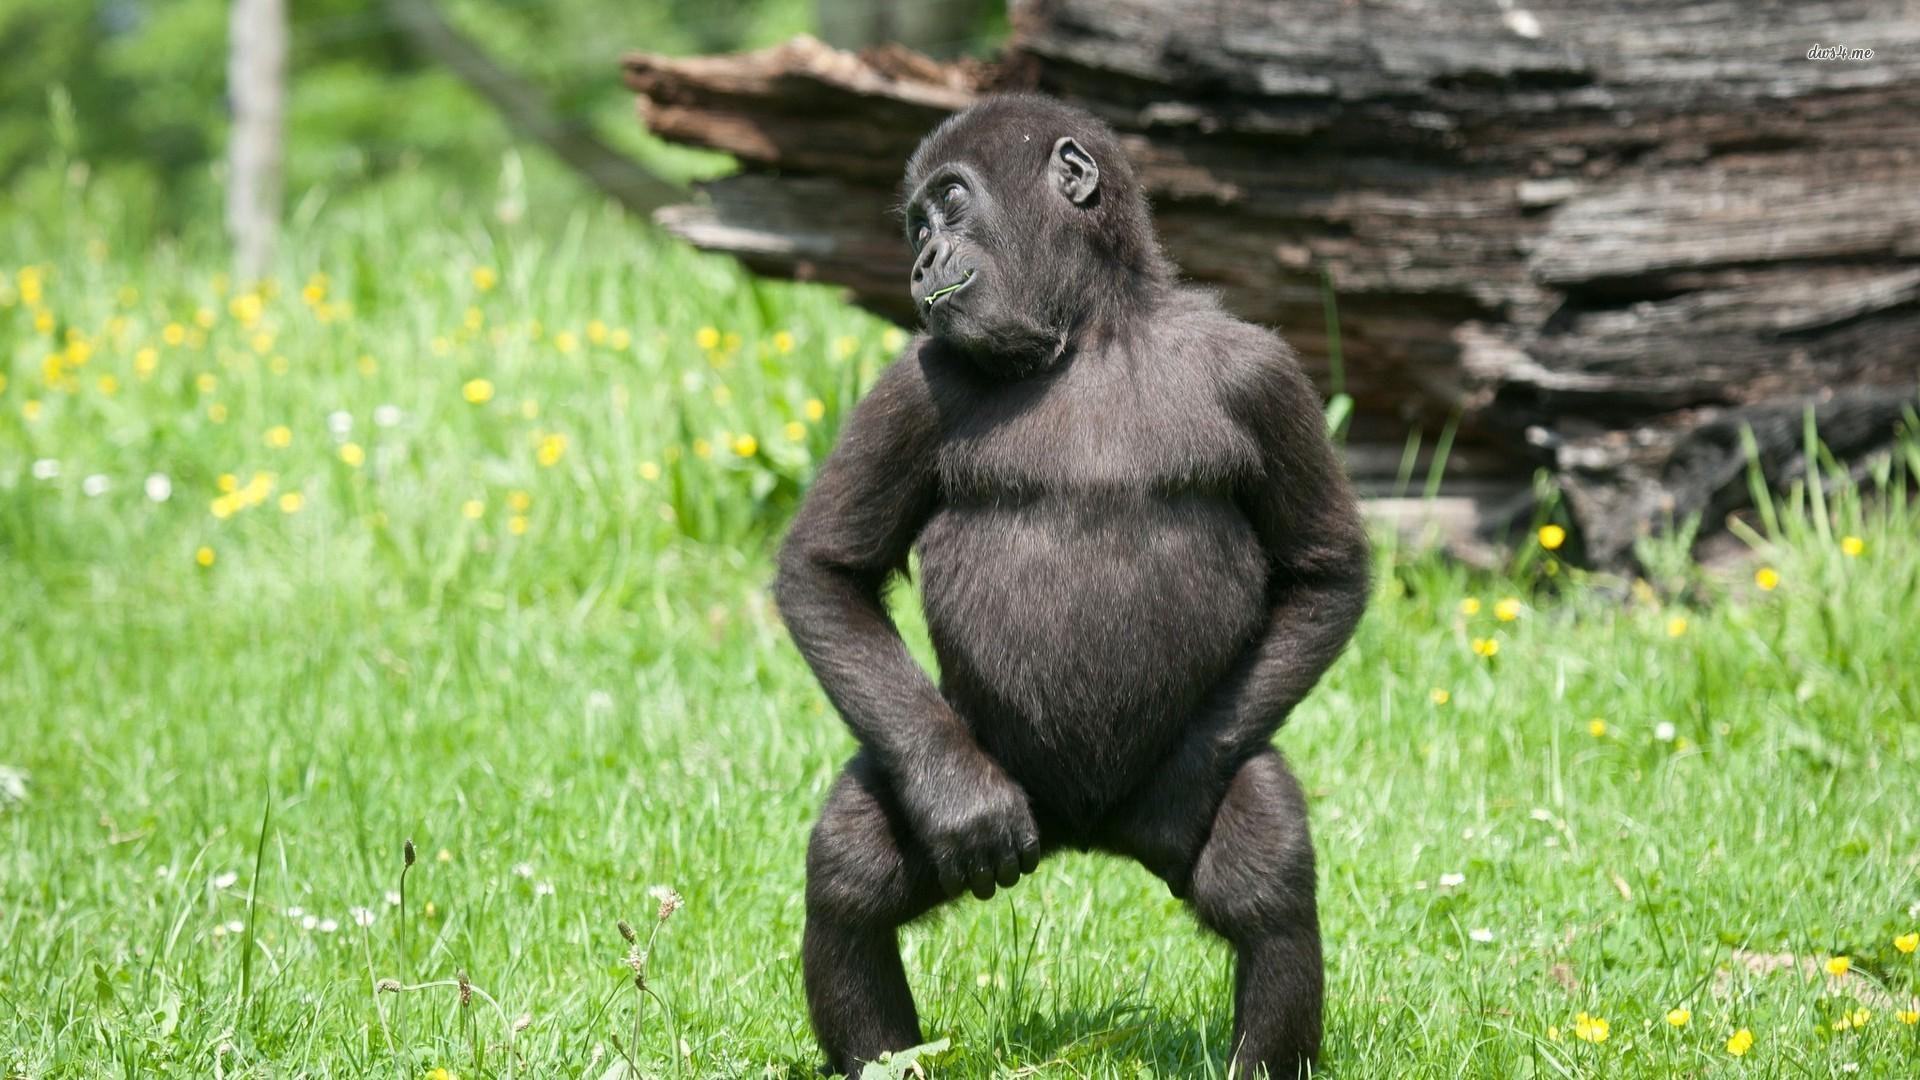 Gorilla High Definition